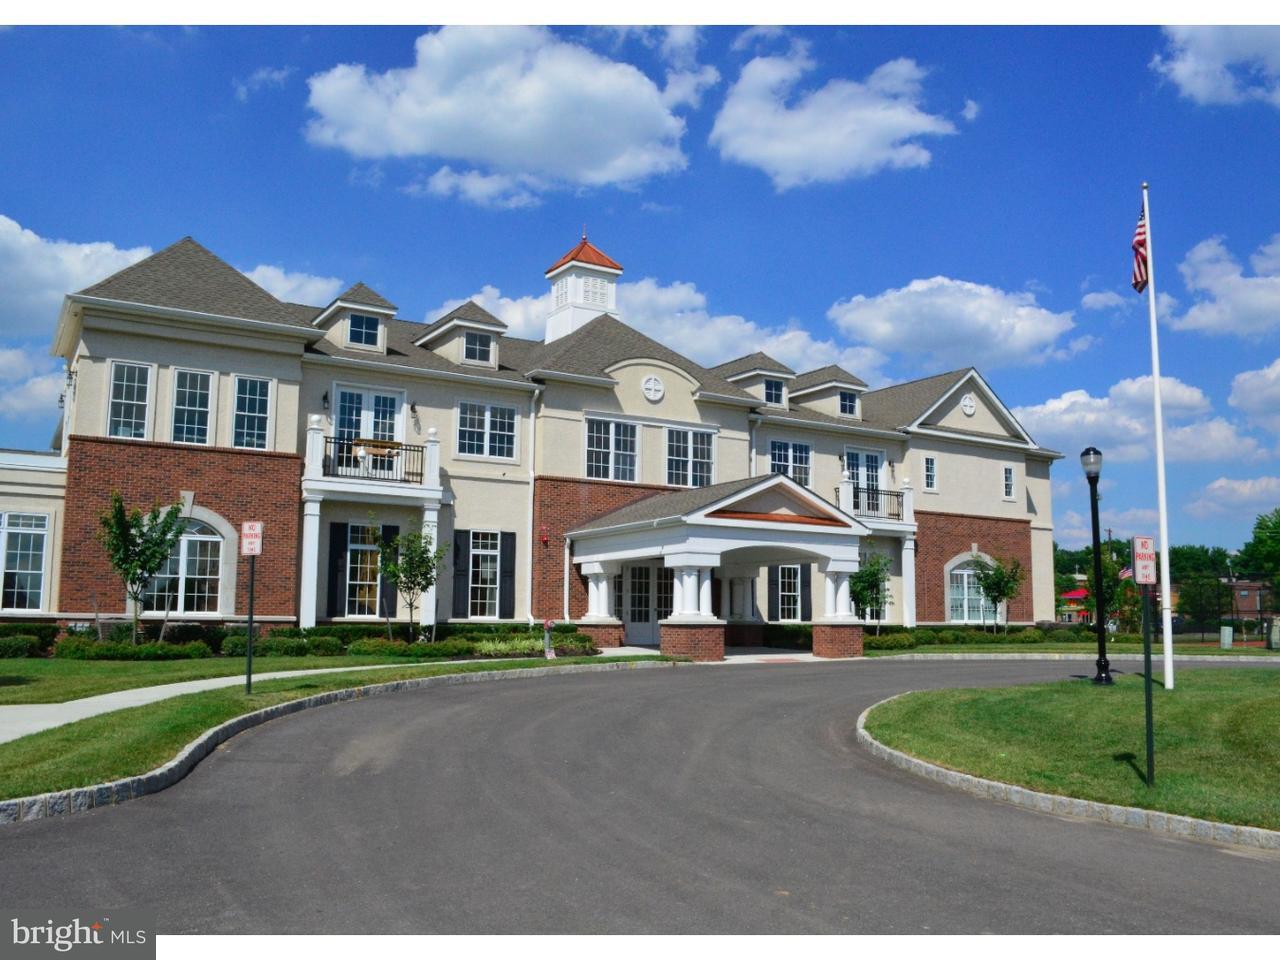 独户住宅 为 出租 在 429 CITATION LN #429 Cherry Hill, 新泽西州 08002 美国